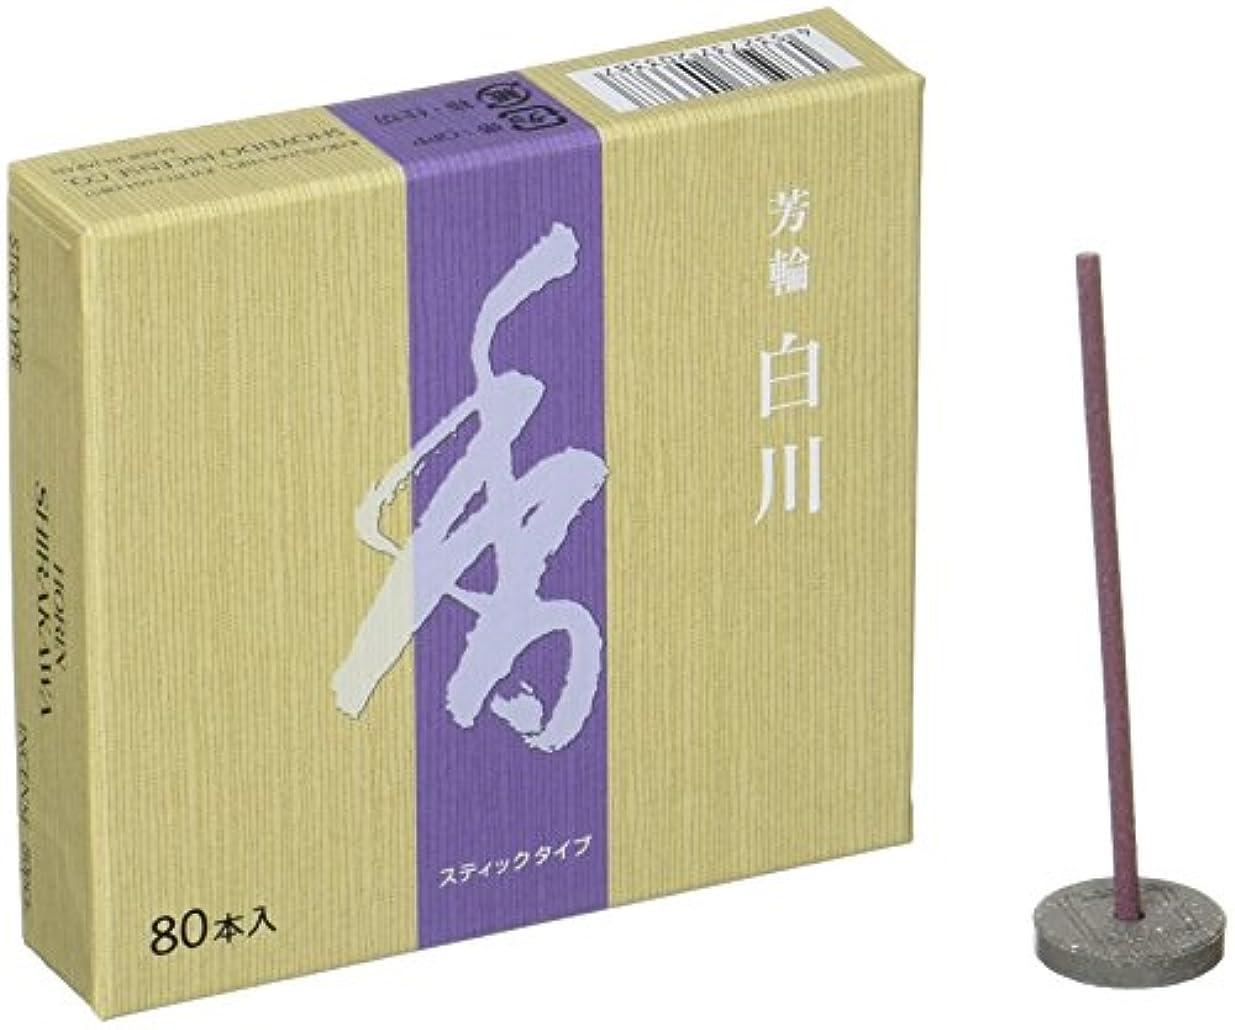 浅い浅いネクタイ芳輪シリーズ 白川スティック80本入 83×90×22